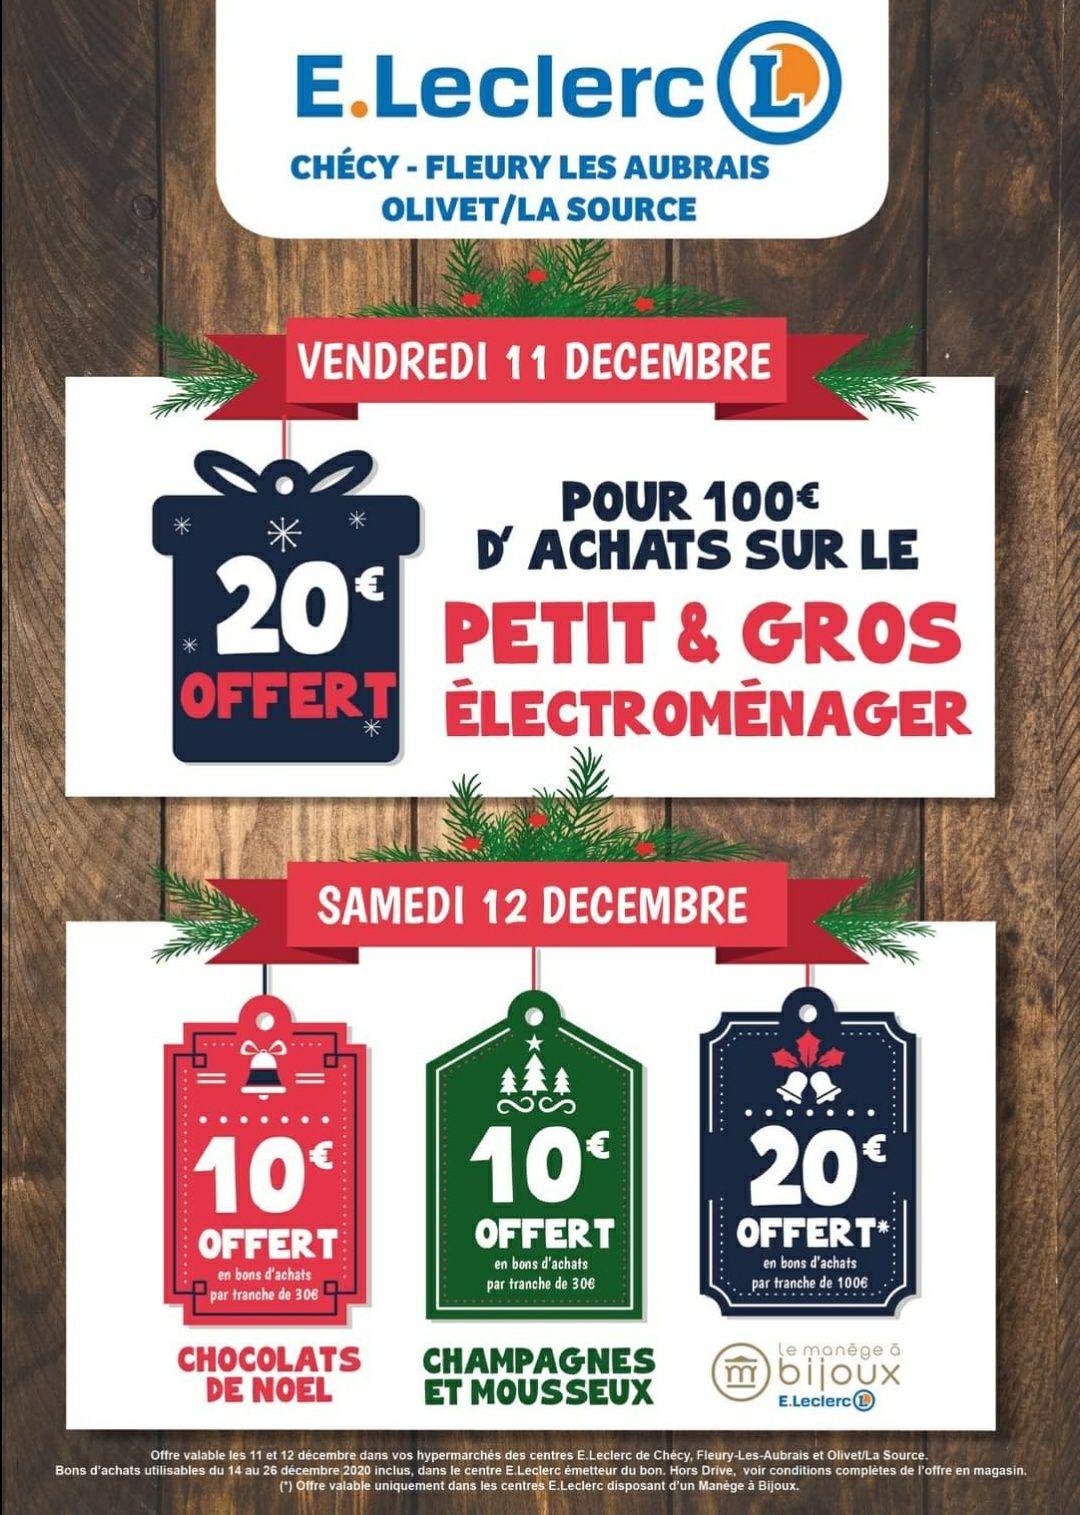 20€ offerts en bon d'achat tous les 100€ sur le rayon Electroménager - Leclerc Chécy/Fleury/Olivet LS (45)